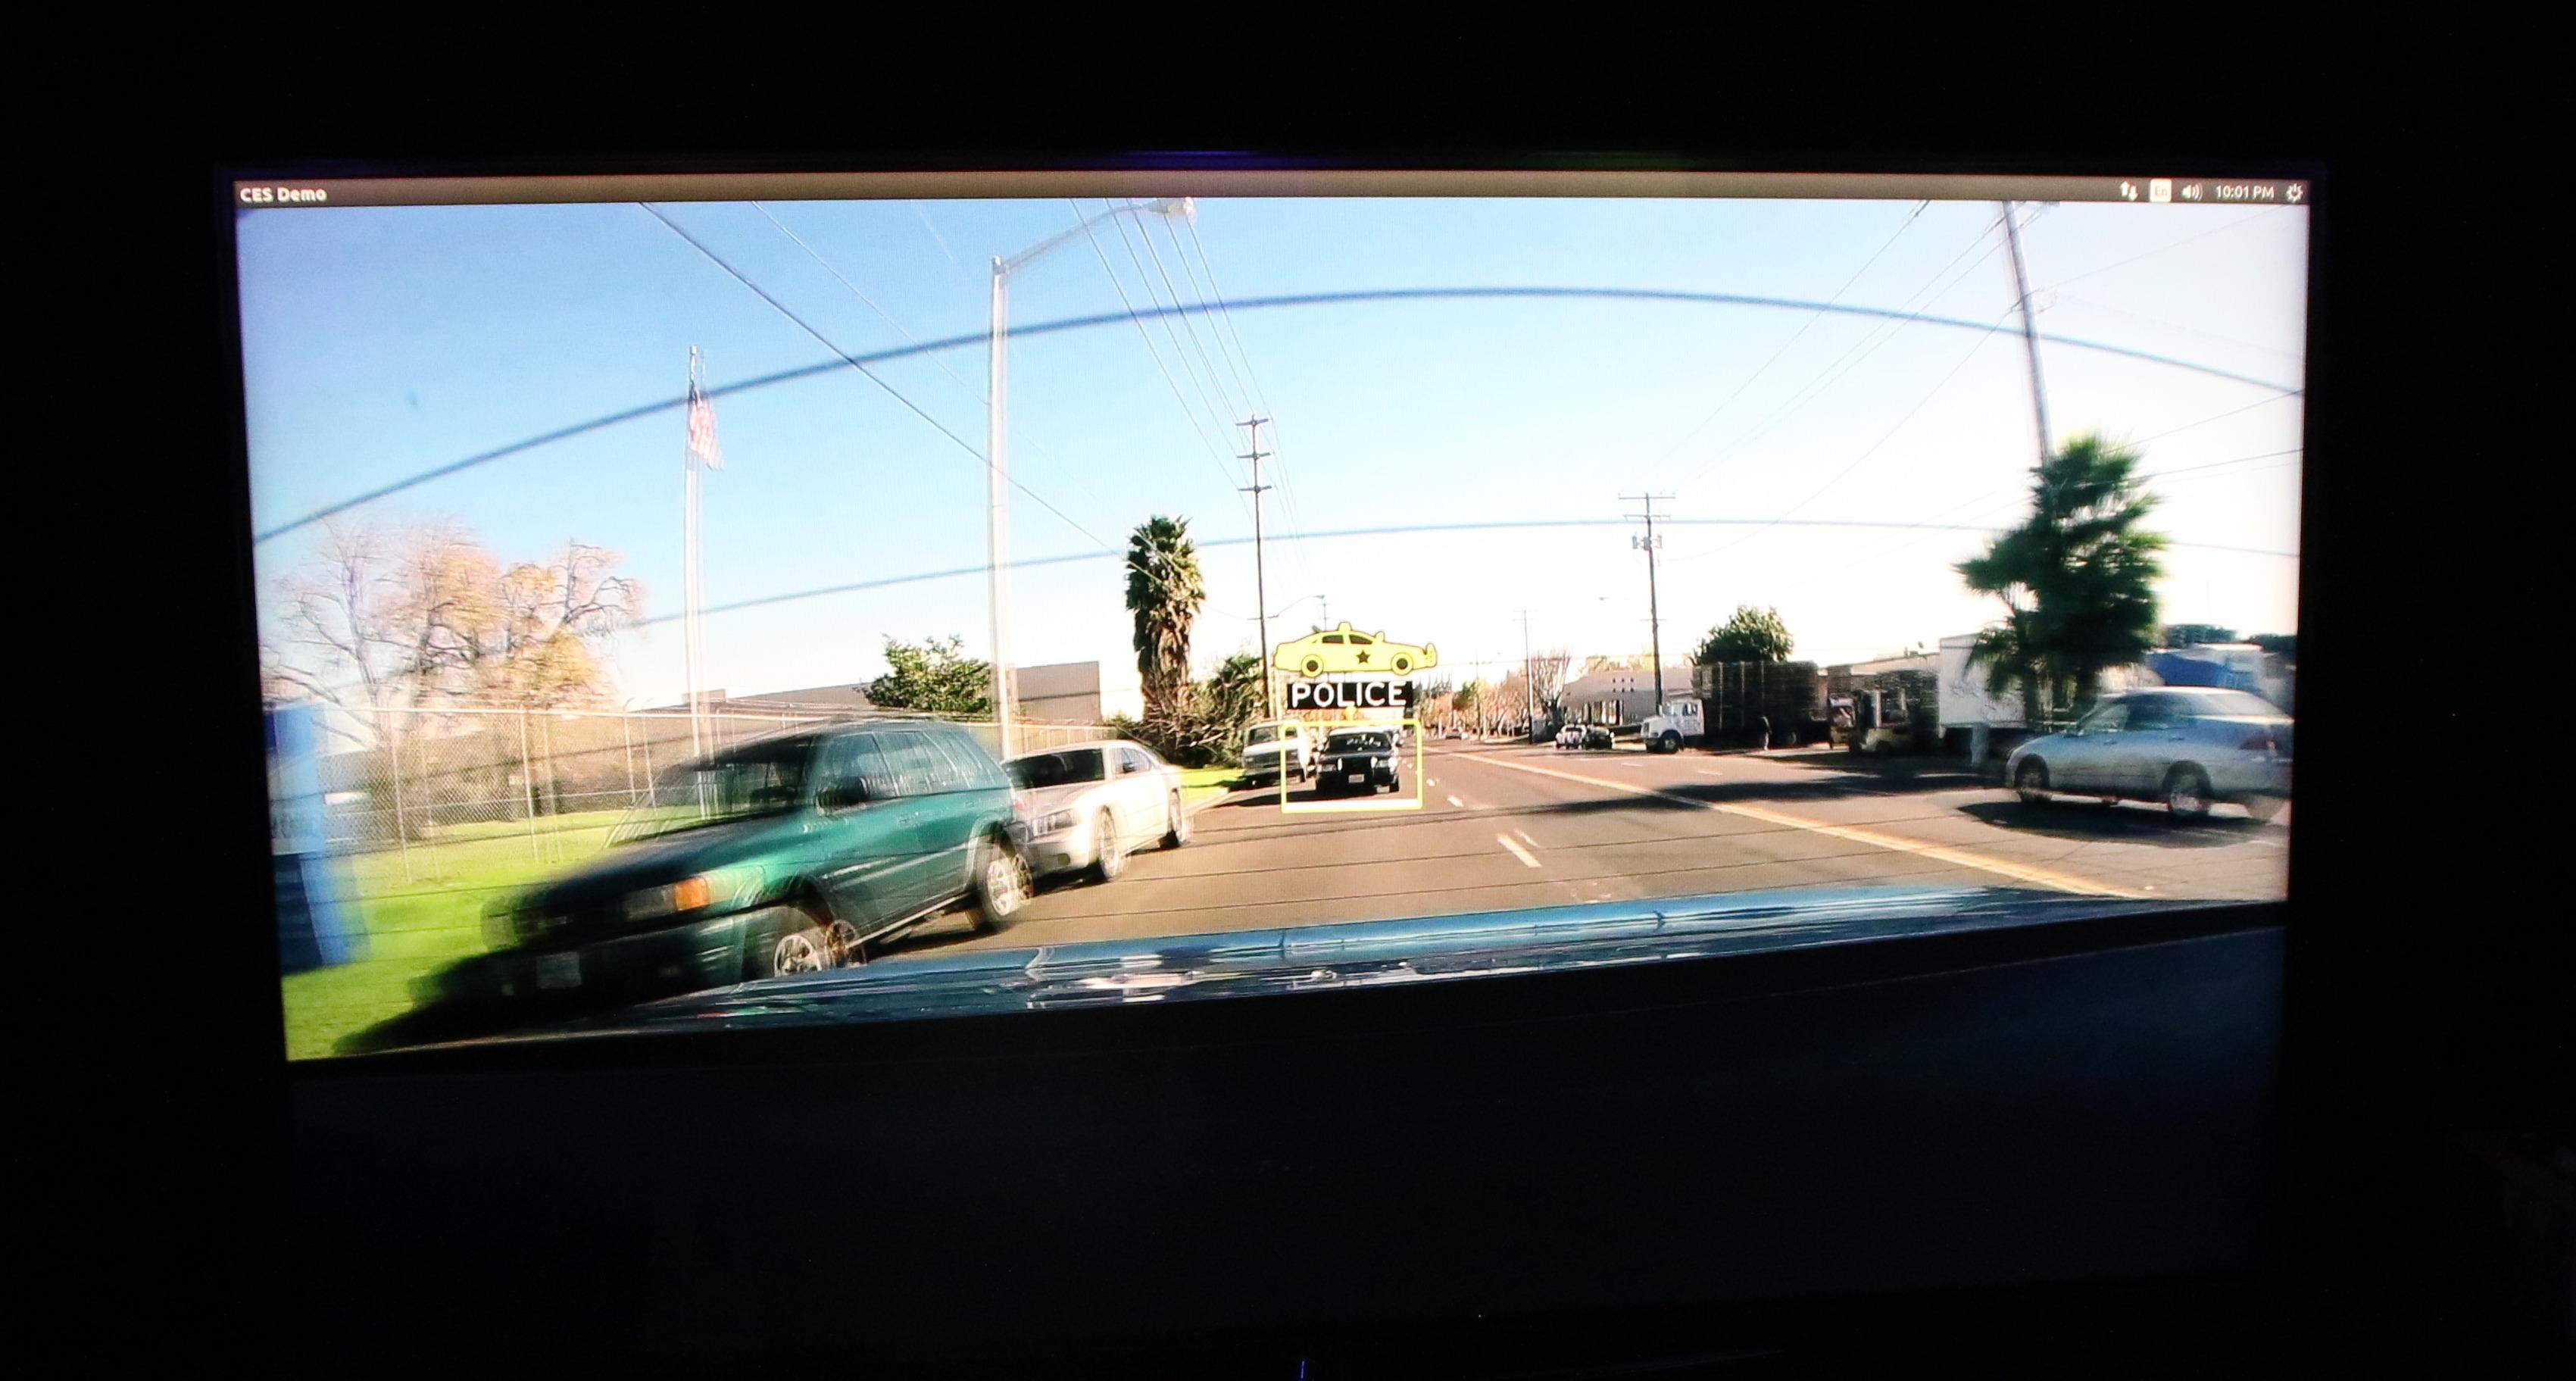 En politibil bak bilen skal lett plukkes opp.Foto: Rolf B. Wegner, Tek.no